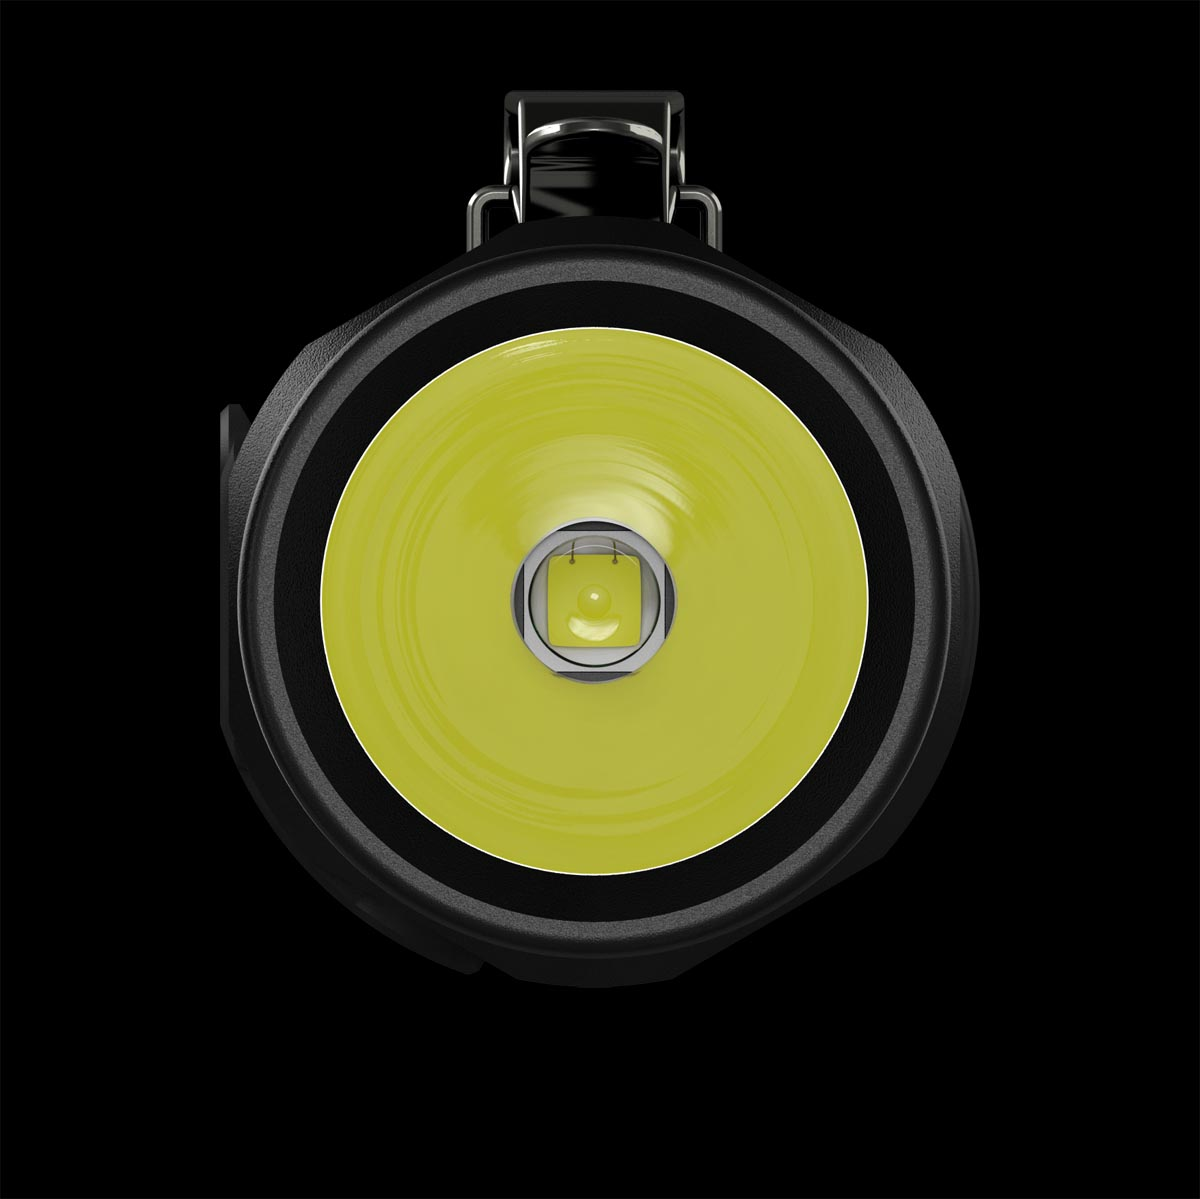 Оптовая продажа NITECORE MH10 1000 люмен светодиодный наружный портативный фонарик Тактический USB Перезаряжаемый 3400 мАч 18650 аккумулятор бесплатная доставка - 6